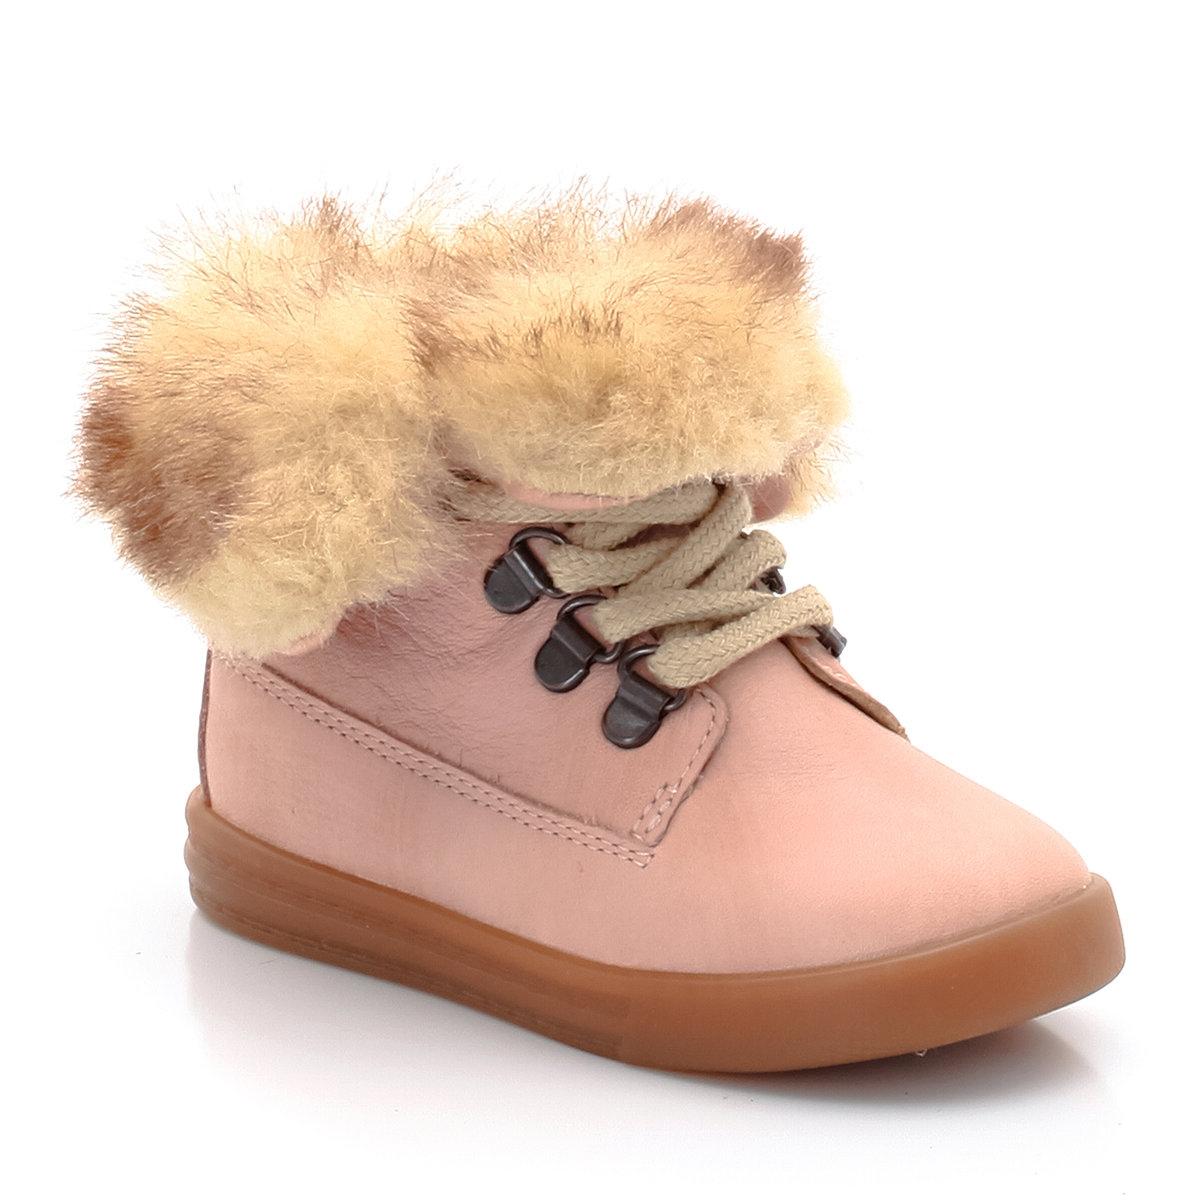 Ботинки из кожи, с отворотами из искусственного мехаНевероятно красивые и уютные кожаные ботинки R Baby с отворотами из искусственного меха для прогулок с вашими дочками!<br><br>Цвет: розовый<br>Размер: 21